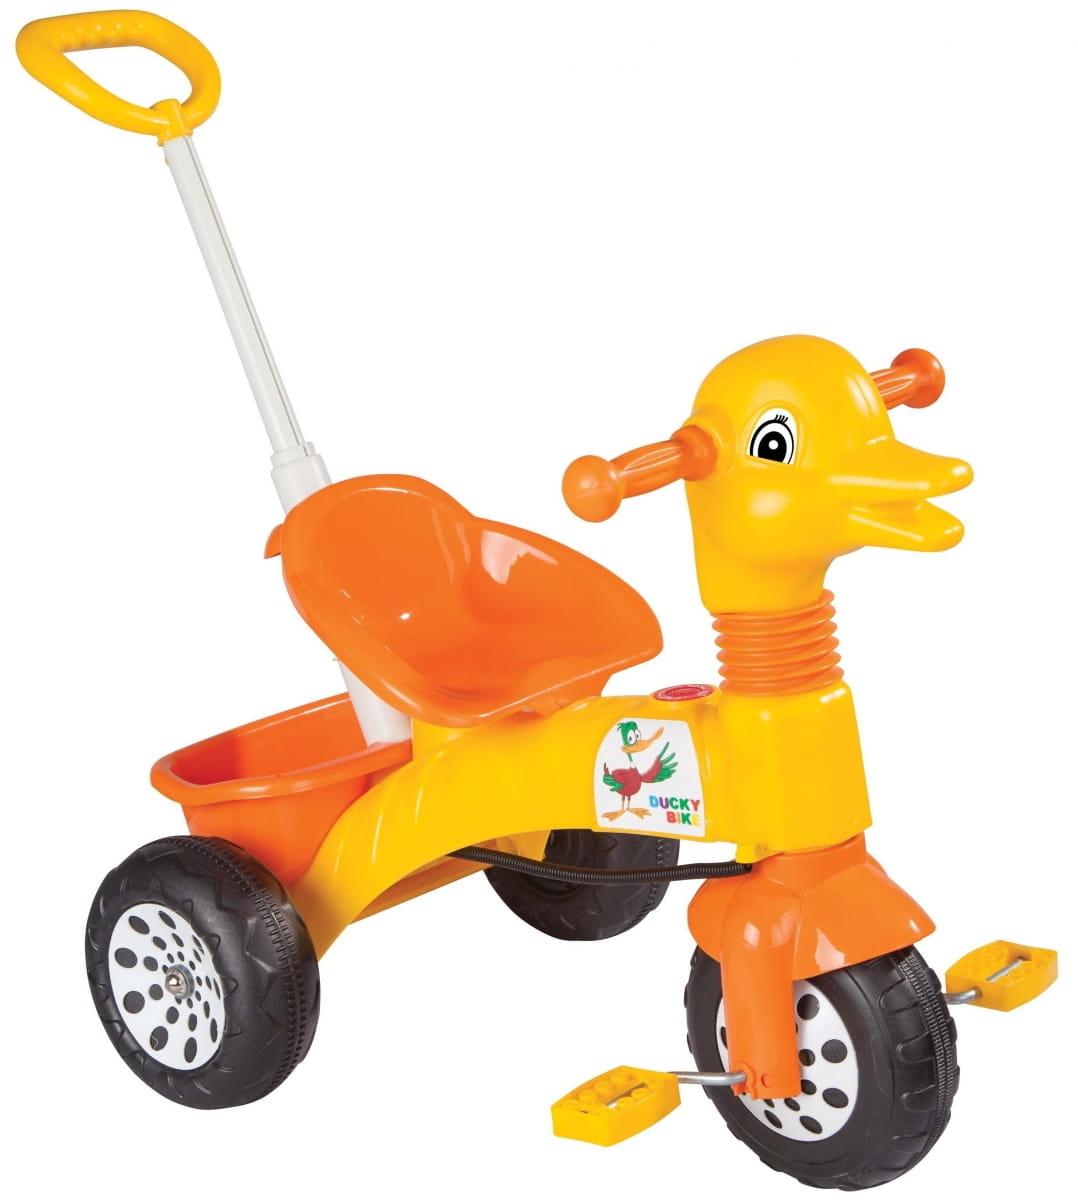 Детский трехколесный велосипед Pilsan 7141plsn Ducky с регулируемой ручкой